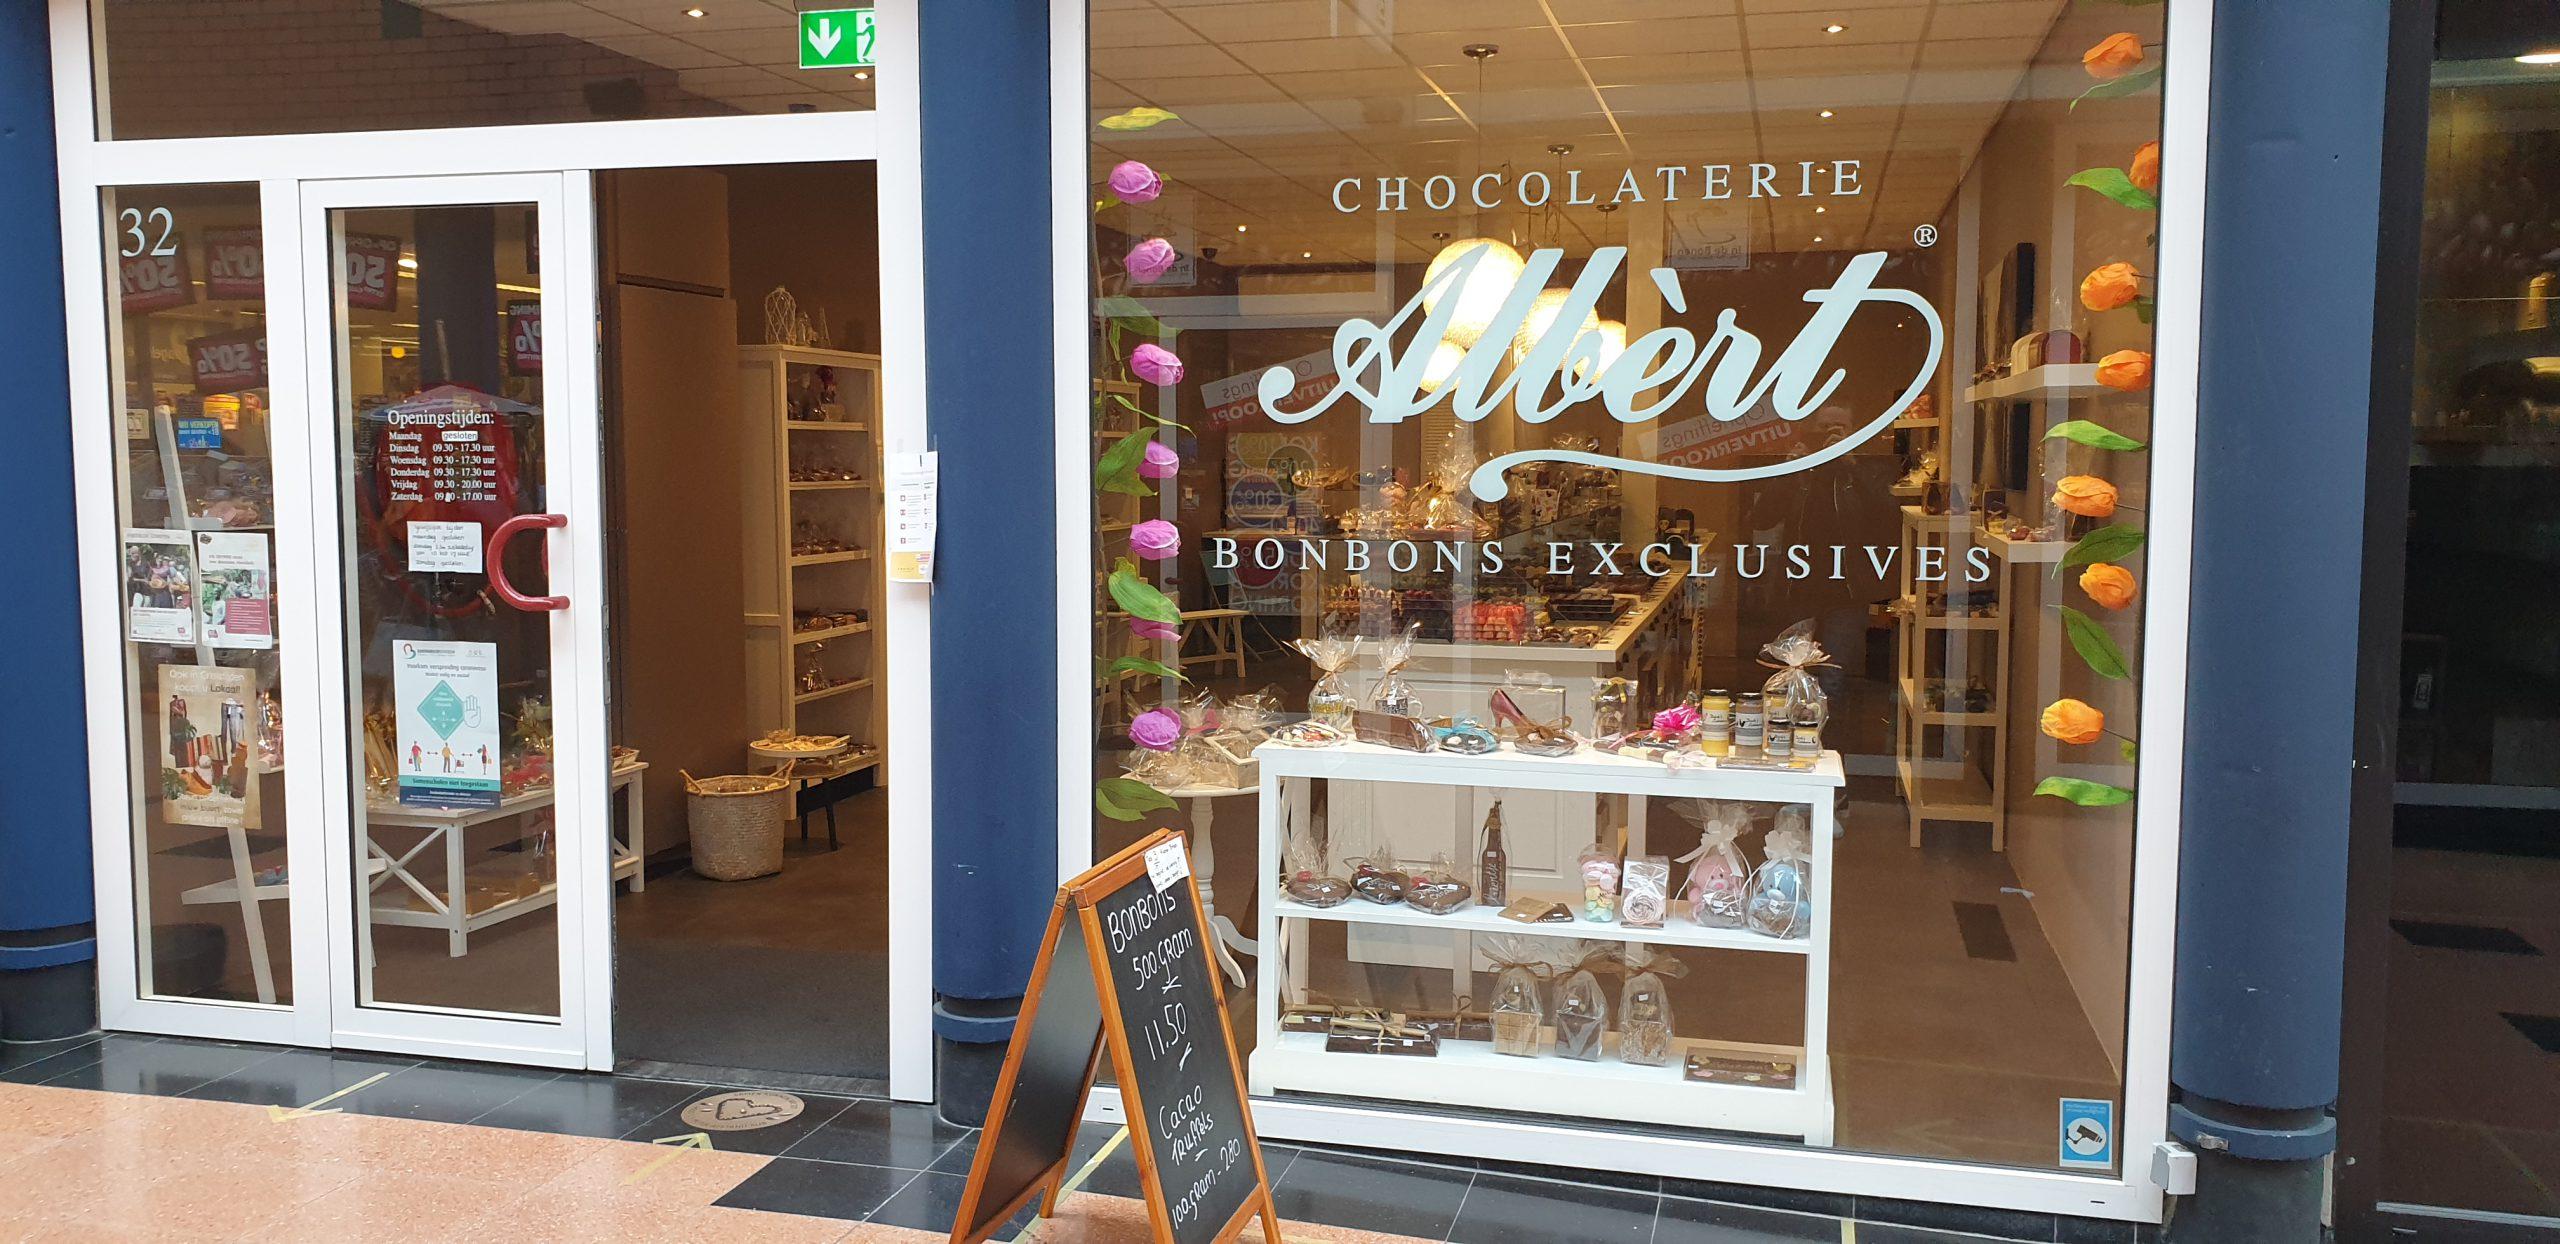 Chocolaterie Albert Barendrecht winkelfoto